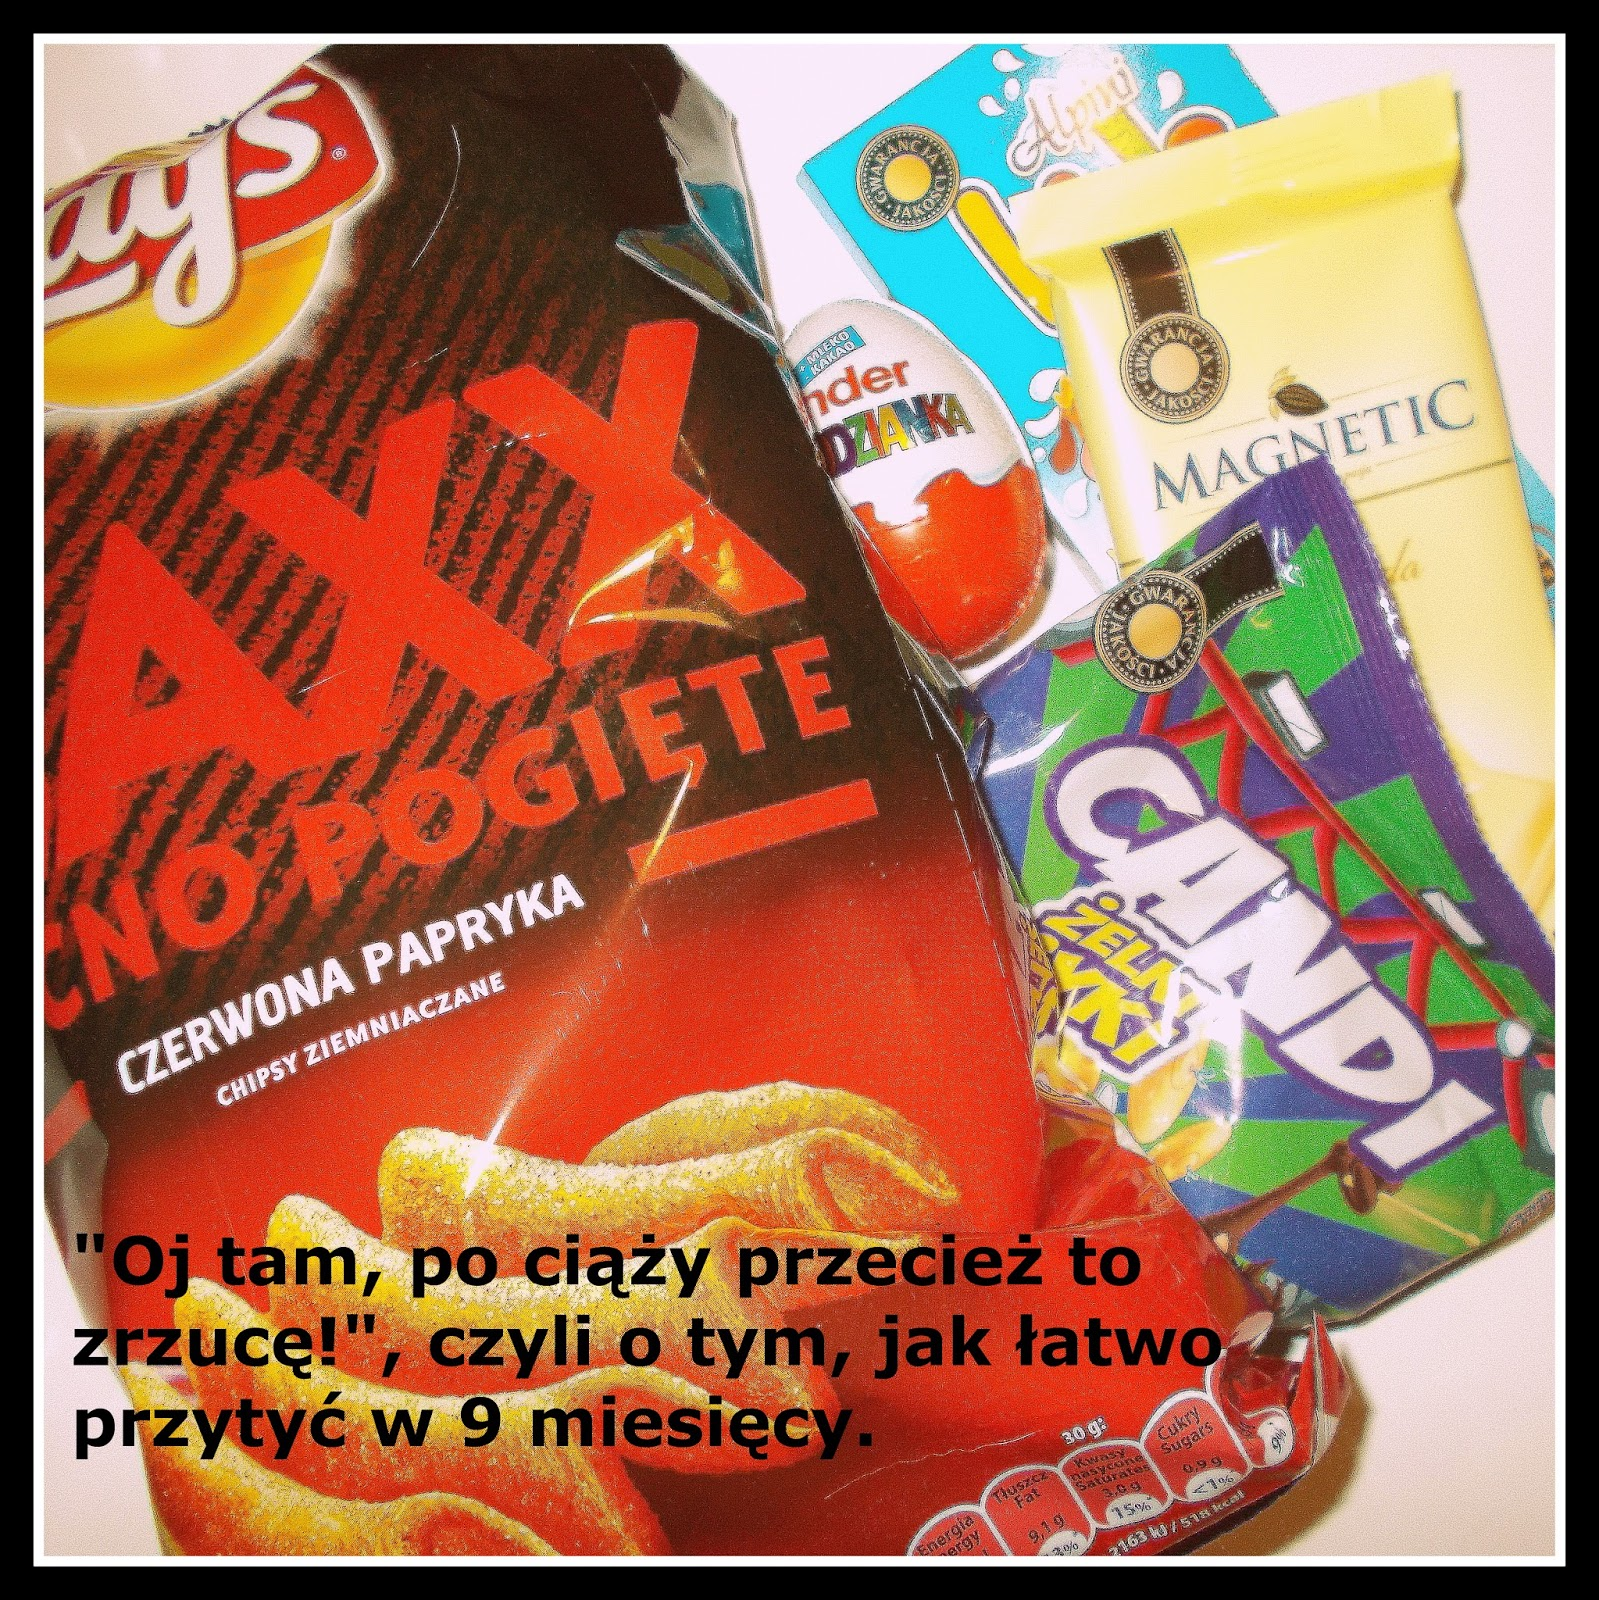 Jak przytyć? Dieta na przytycie - zasady, produkty, porady dietetyka